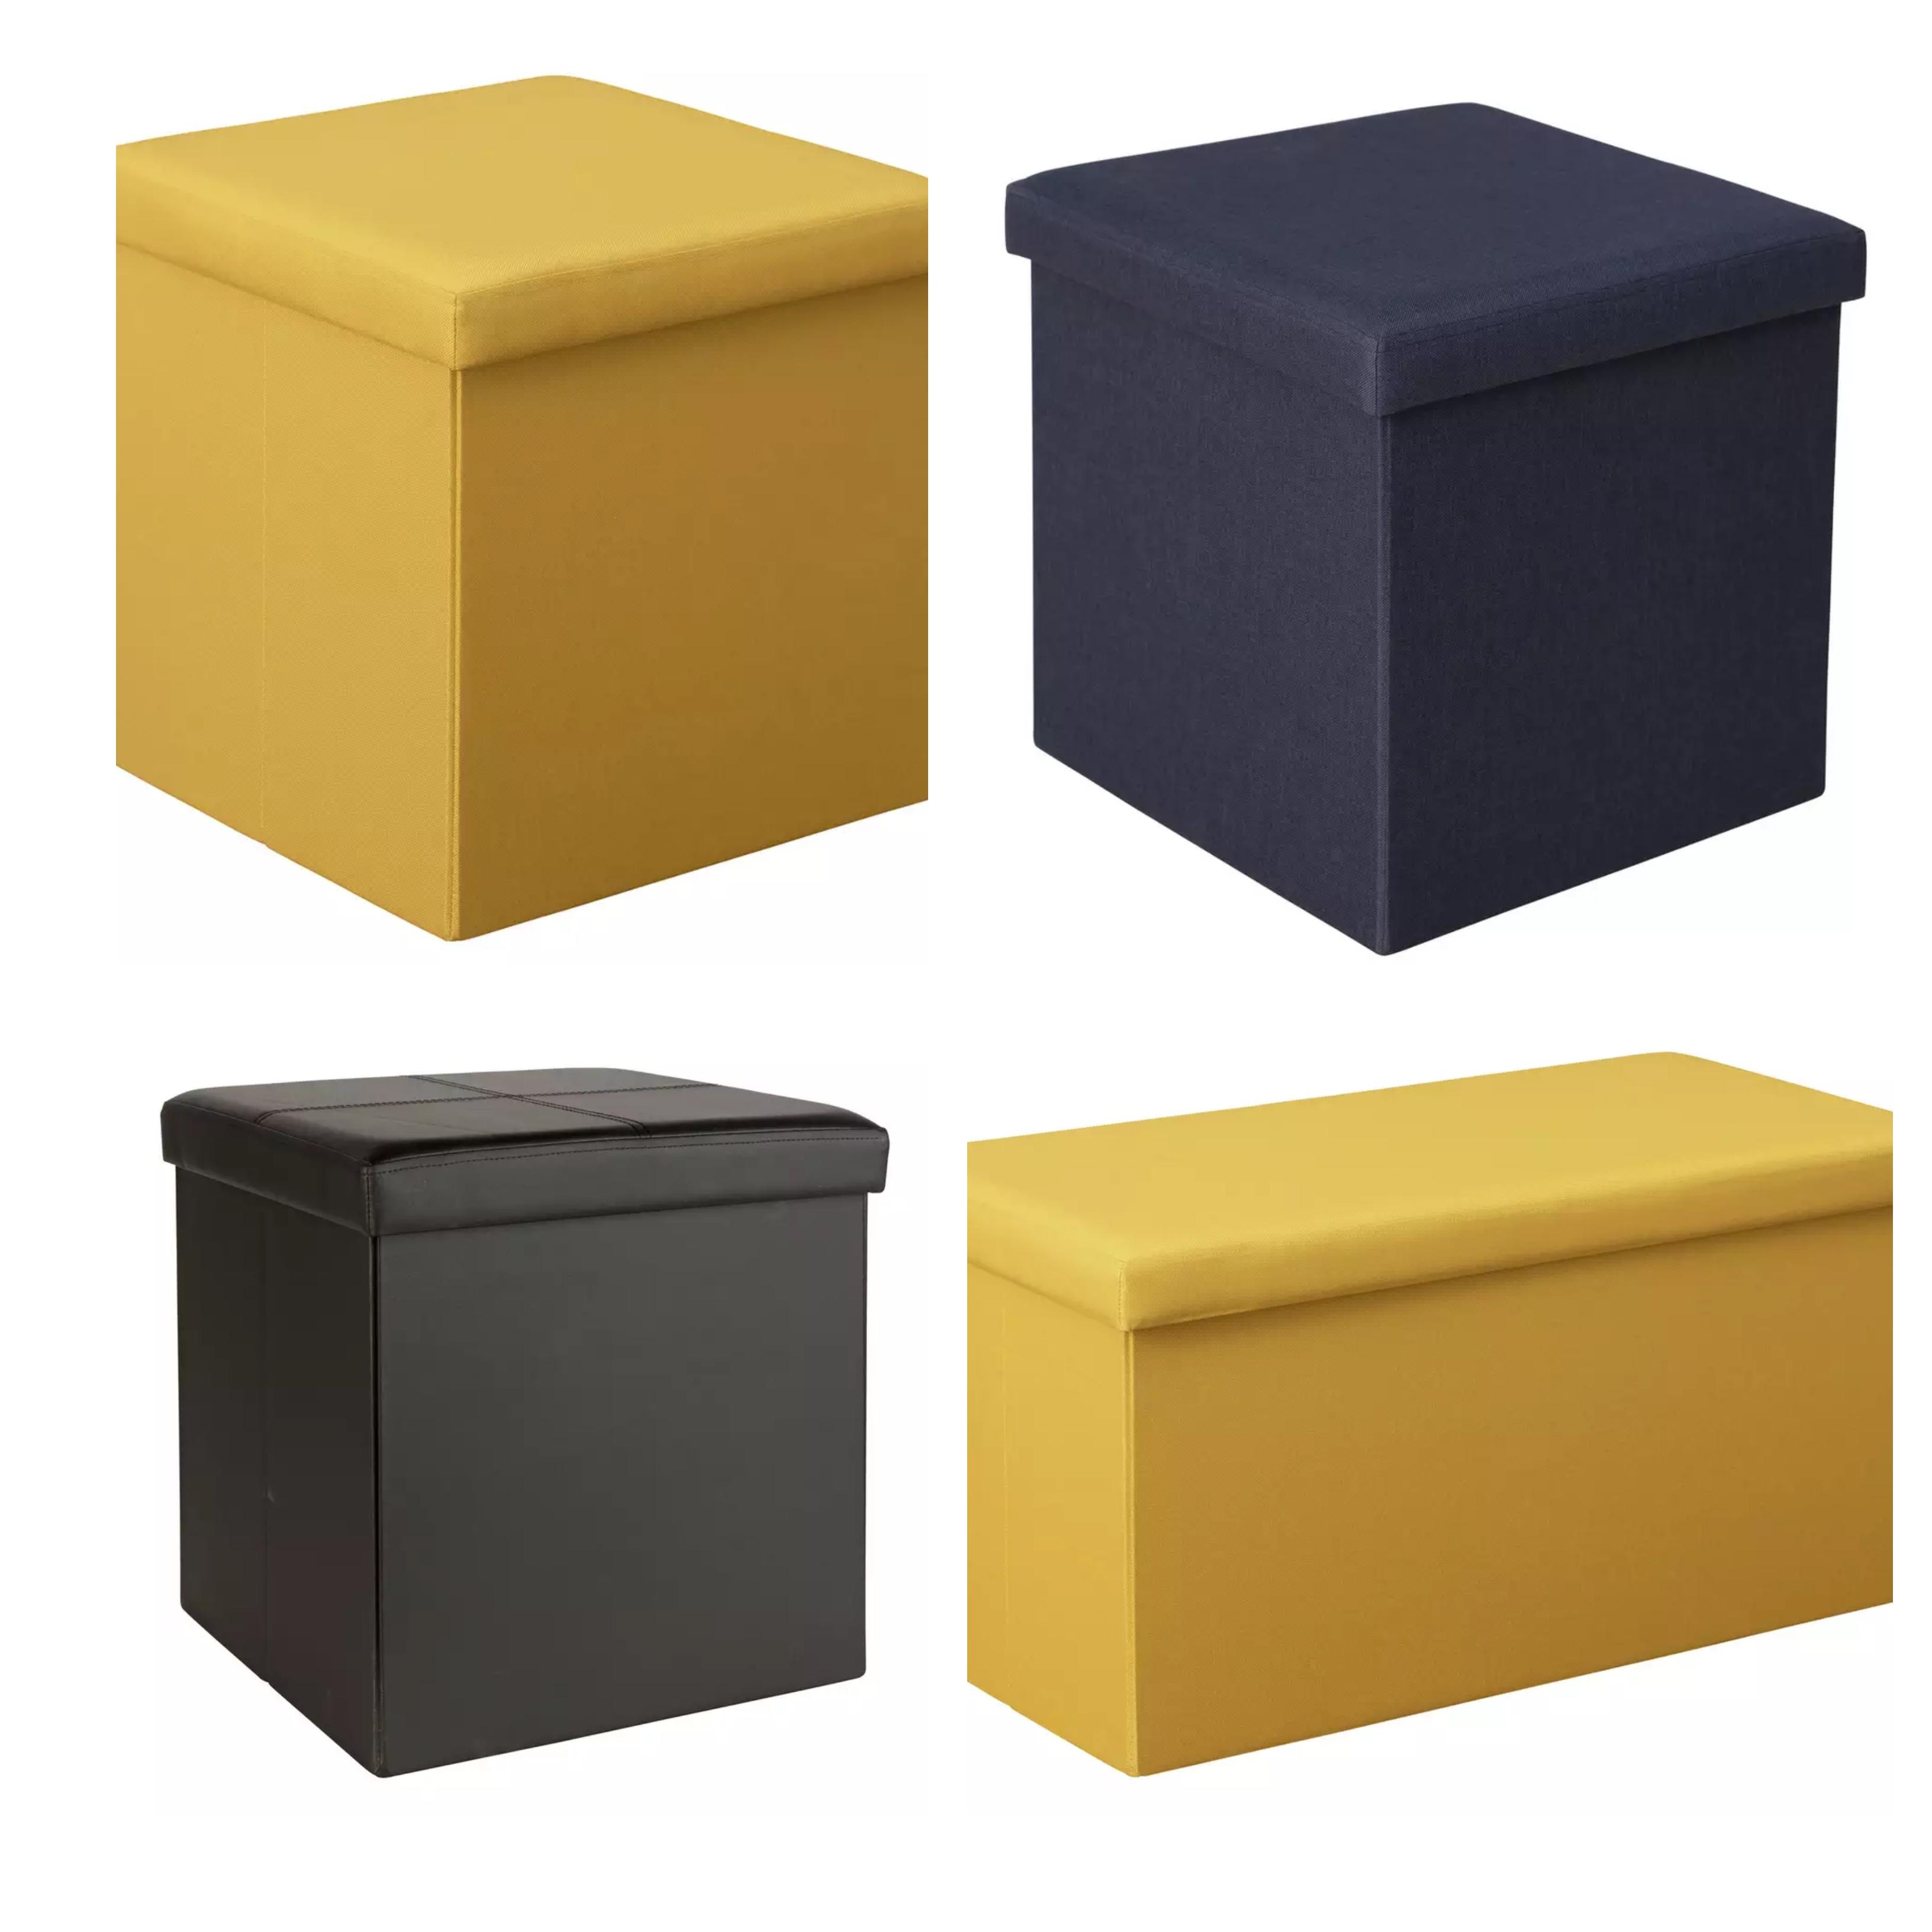 Argos Home Small Fabric Ottoman Mustard, Grey & Black £10 or Navy £12 / Medium Ottoman Mustard £14 or Navy £15 (Free Click&Collect) @ Argos